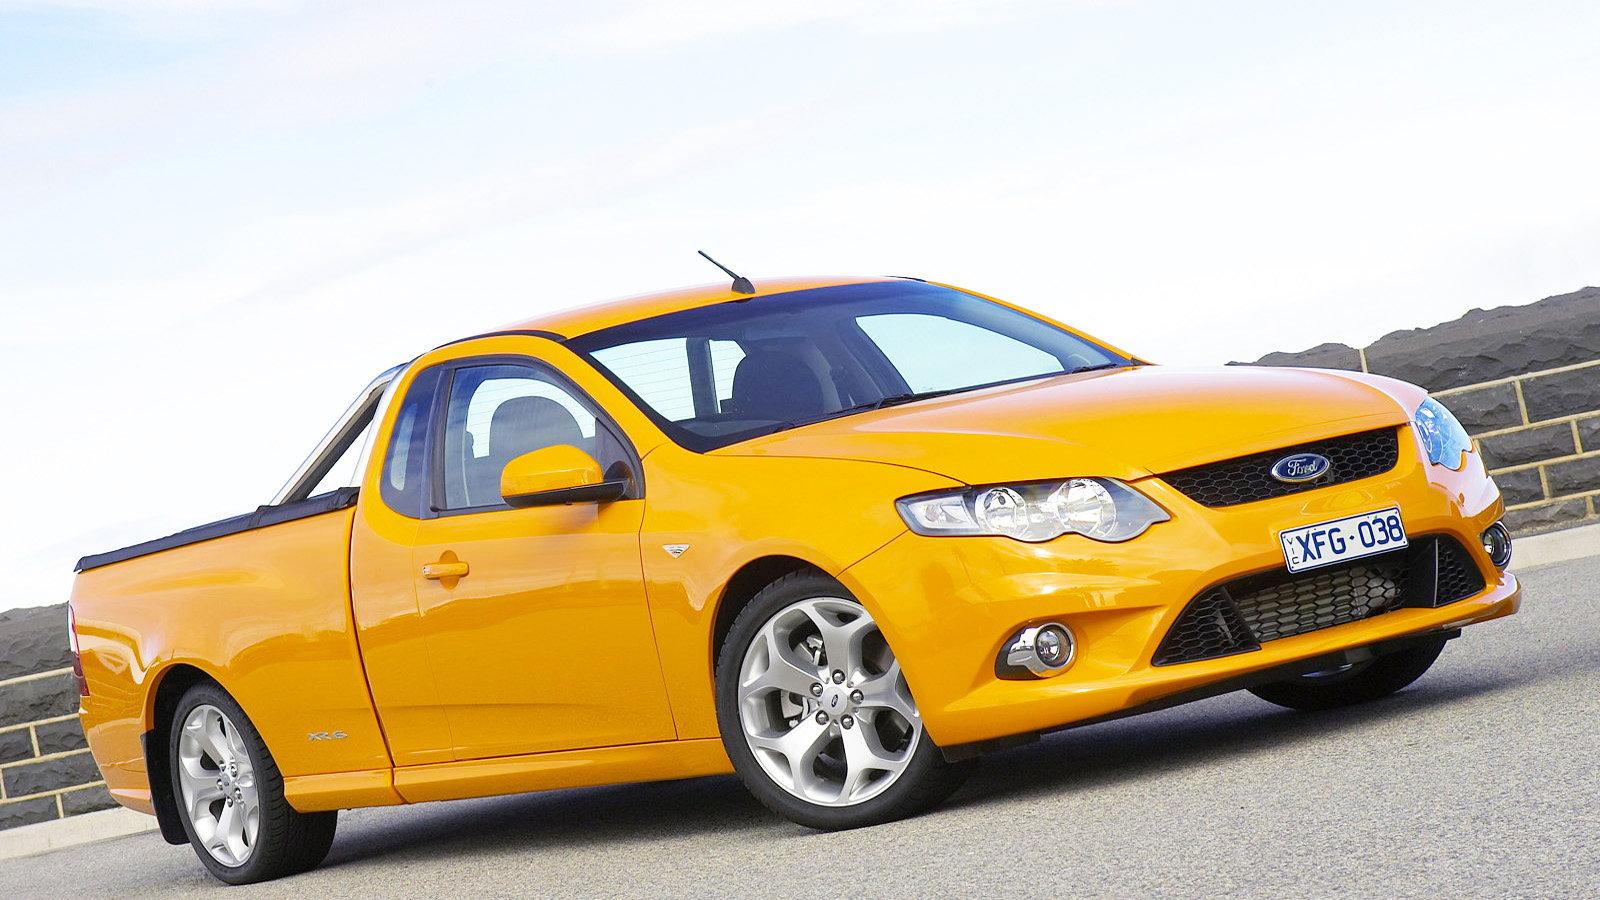 Ford Falcon Ute - Australia